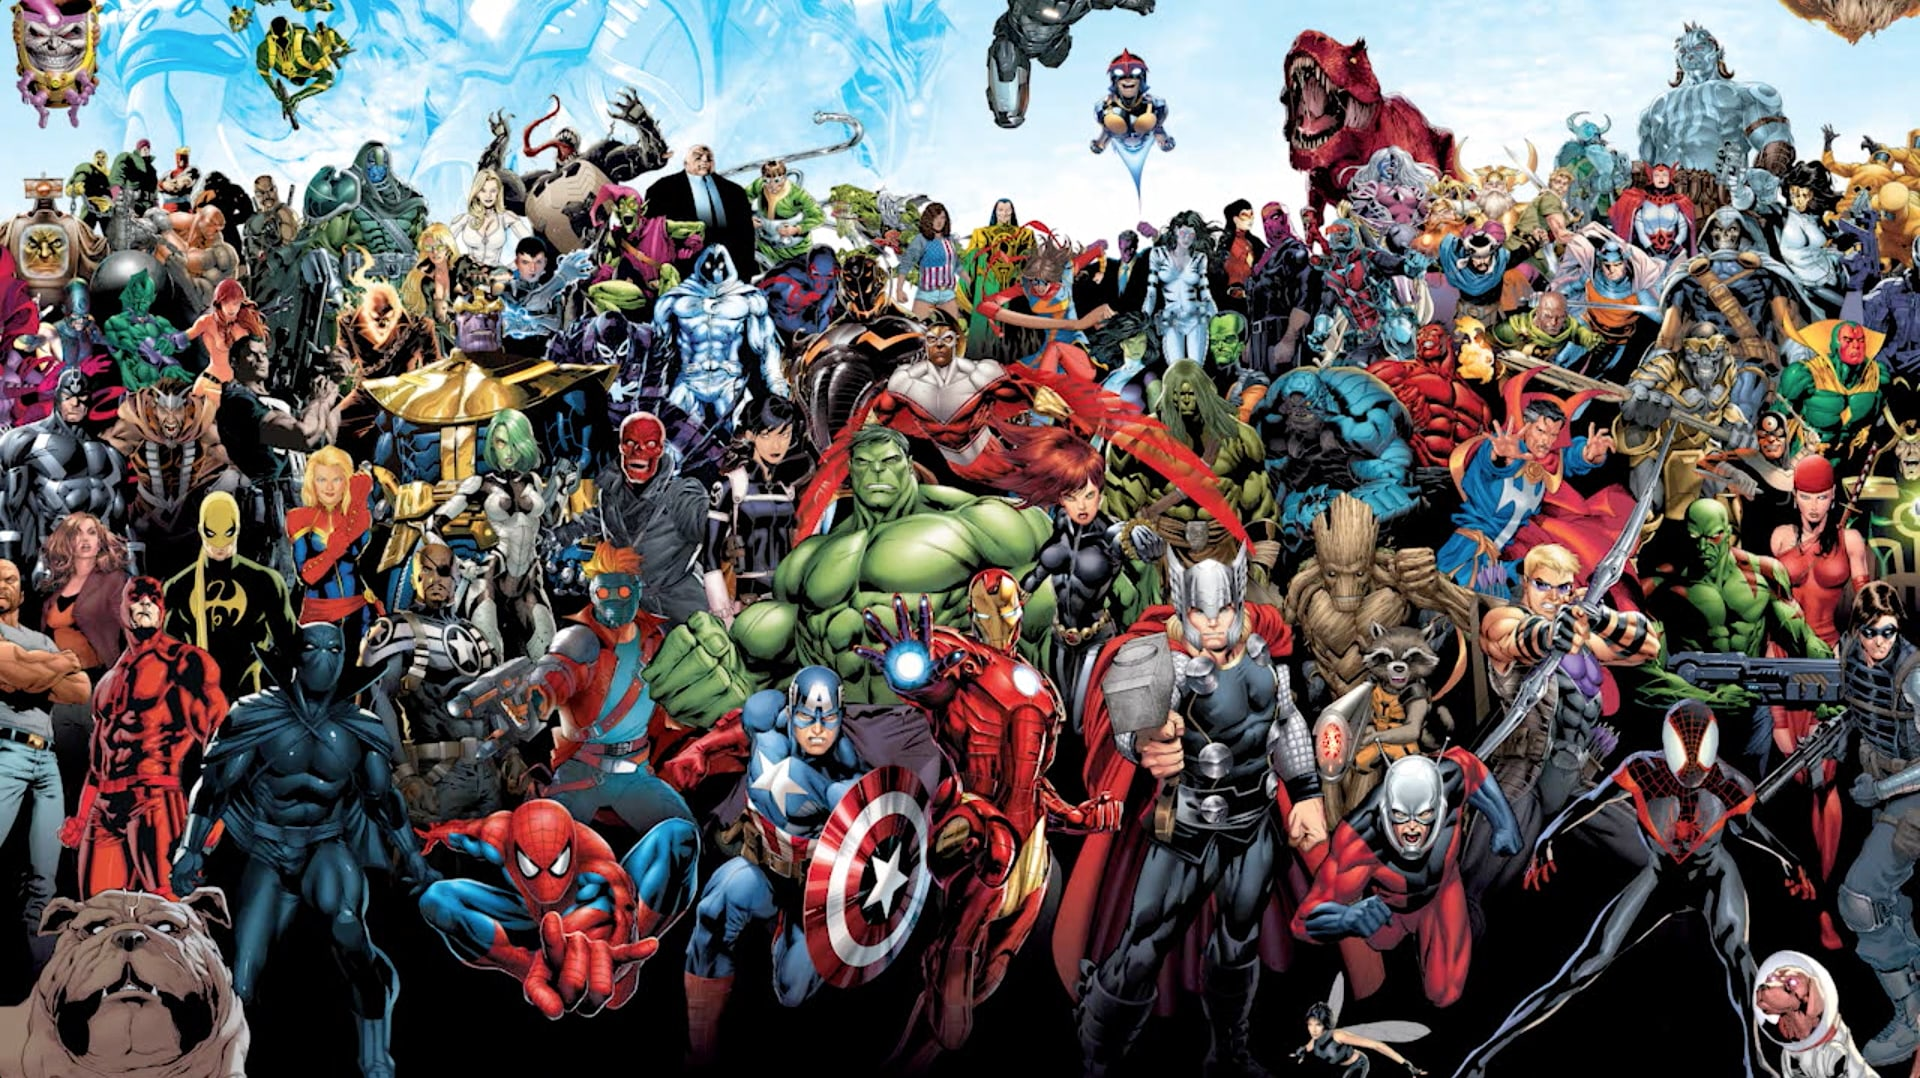 Los Vengadores - Héroes en un minuto